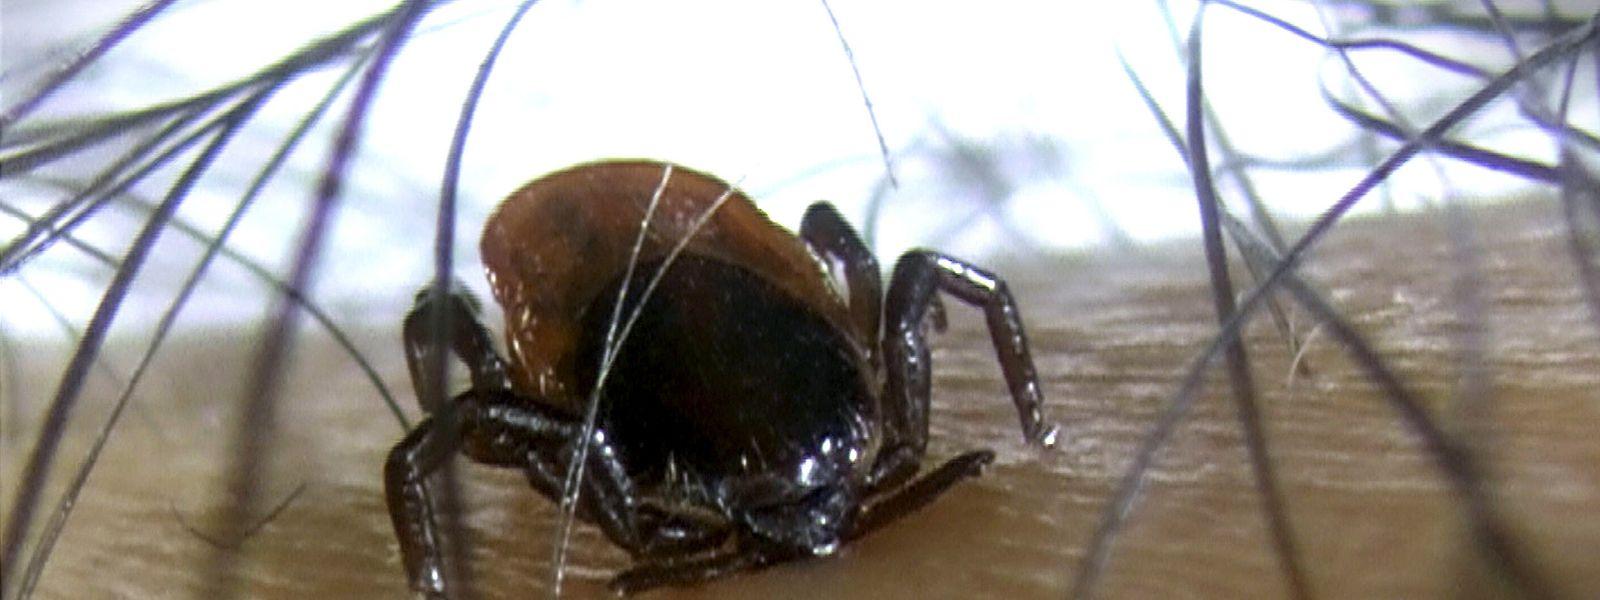 Nach einem Aufenthalt im Grünen empfiehlt es sich, den Körper genau auf die winzigen Zecken zu untersuchen.